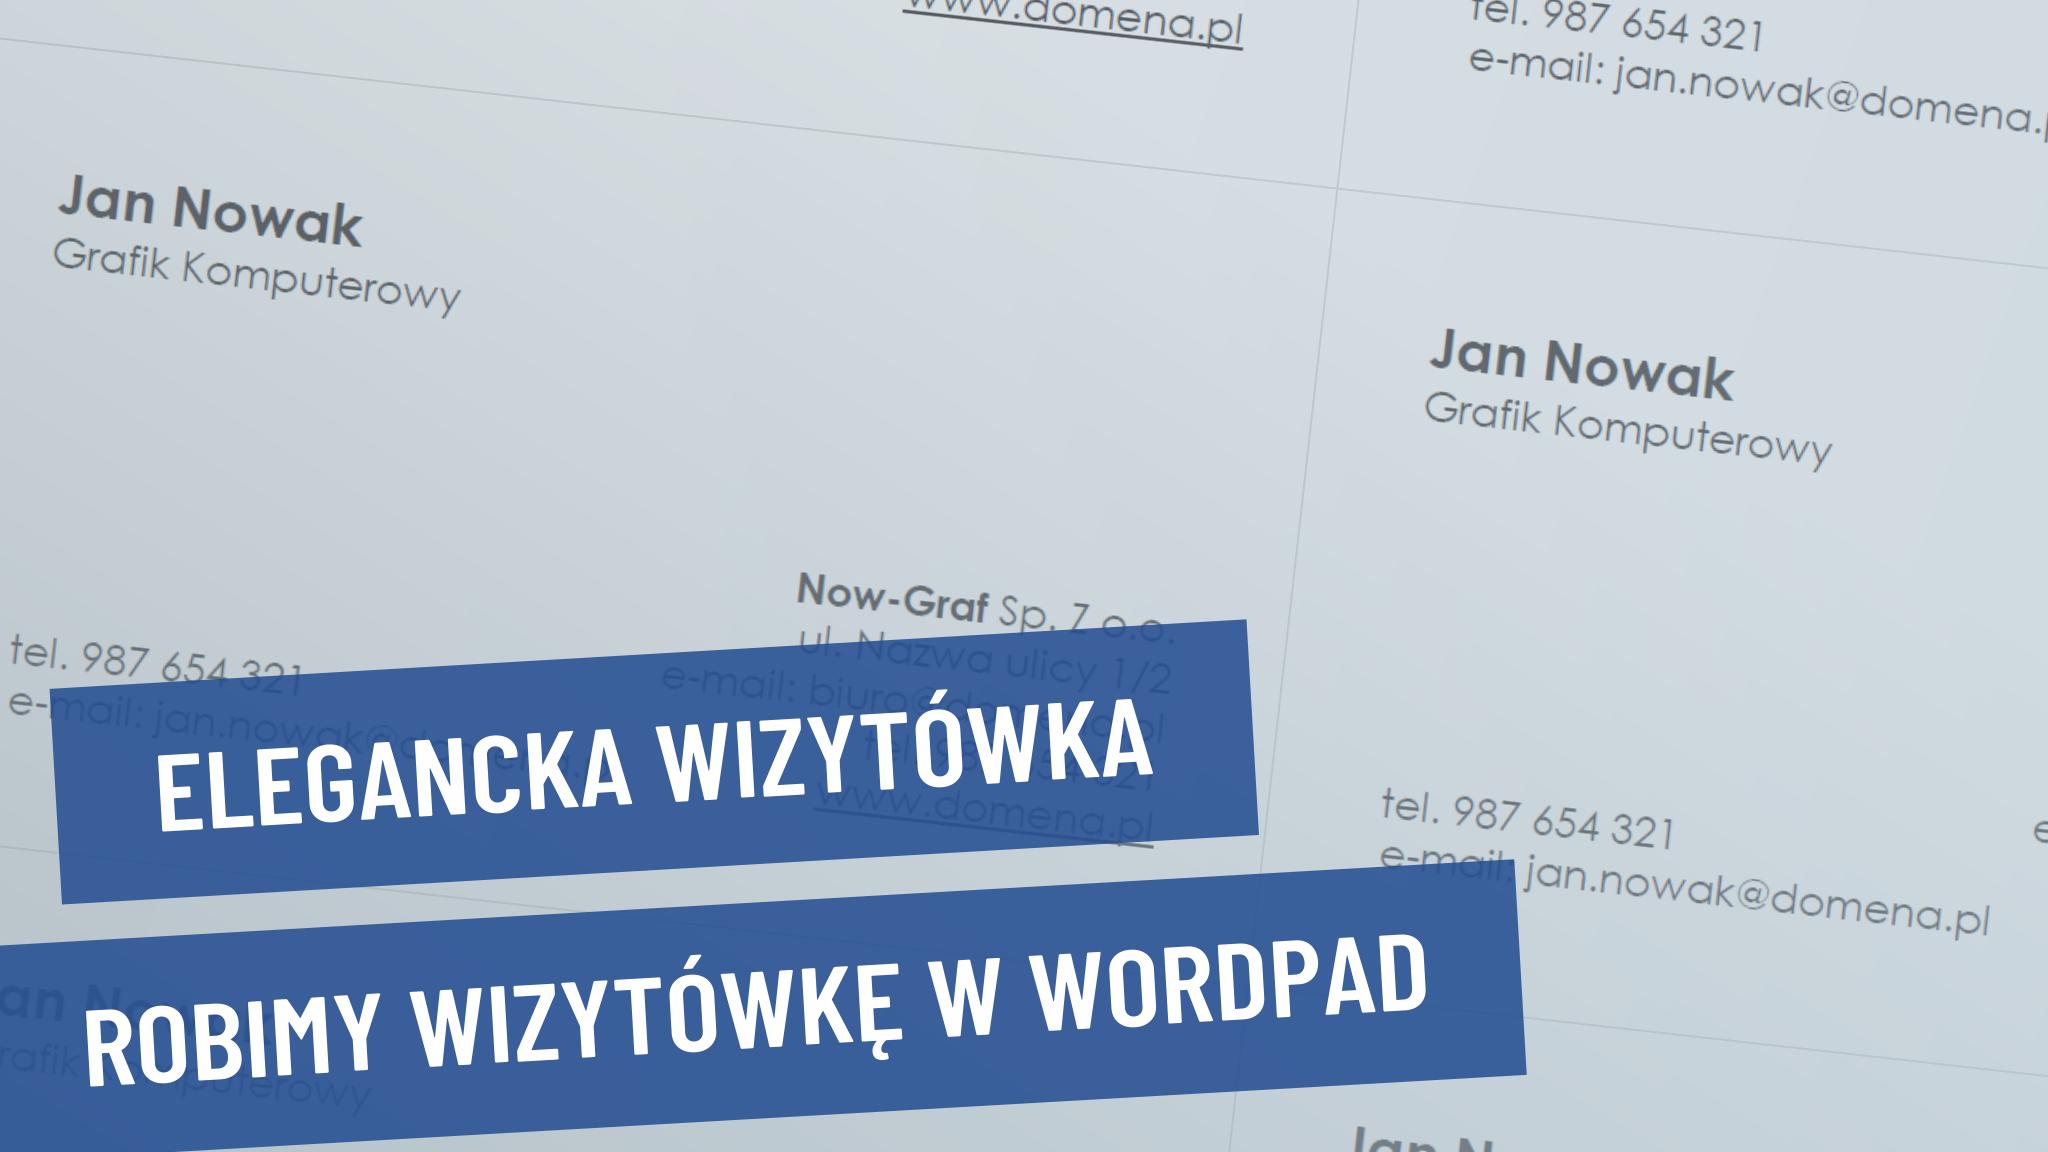 Jak zrobić wizytówkę w WordPad? Projekt wizytówki w WordPad.